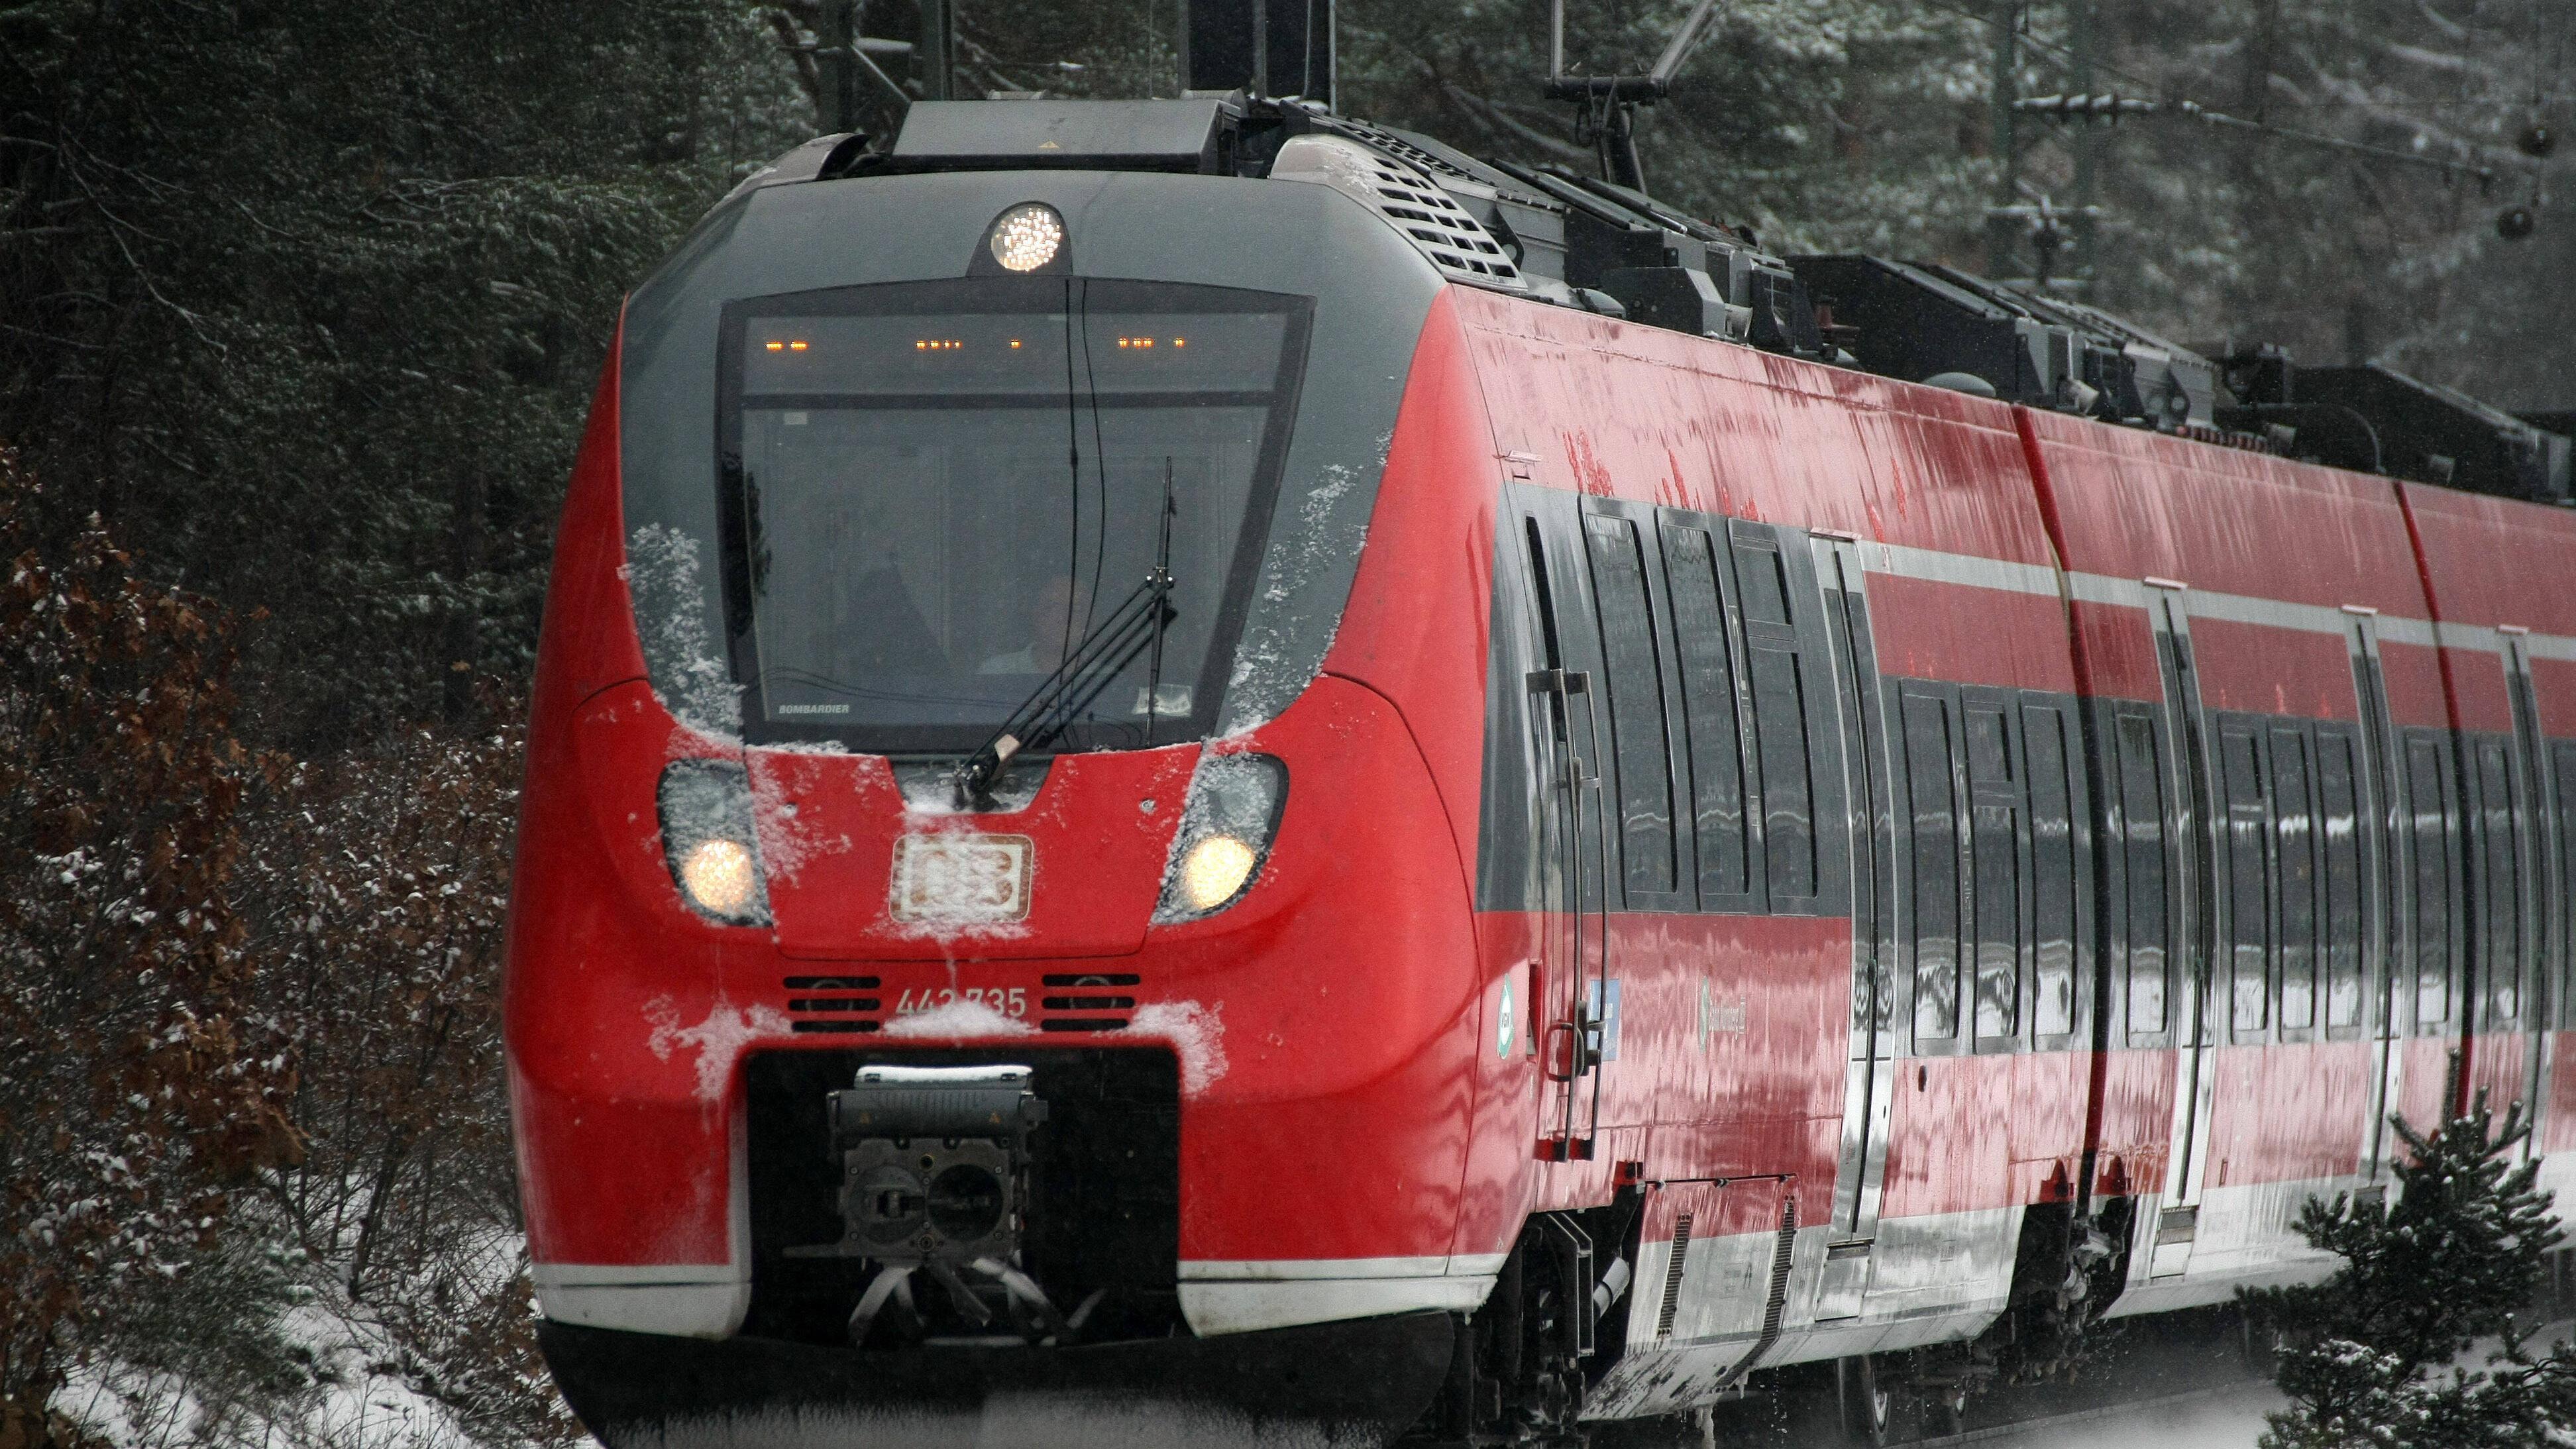 Alternativen zur Bahn im Nahverkehr und Fernverkehr